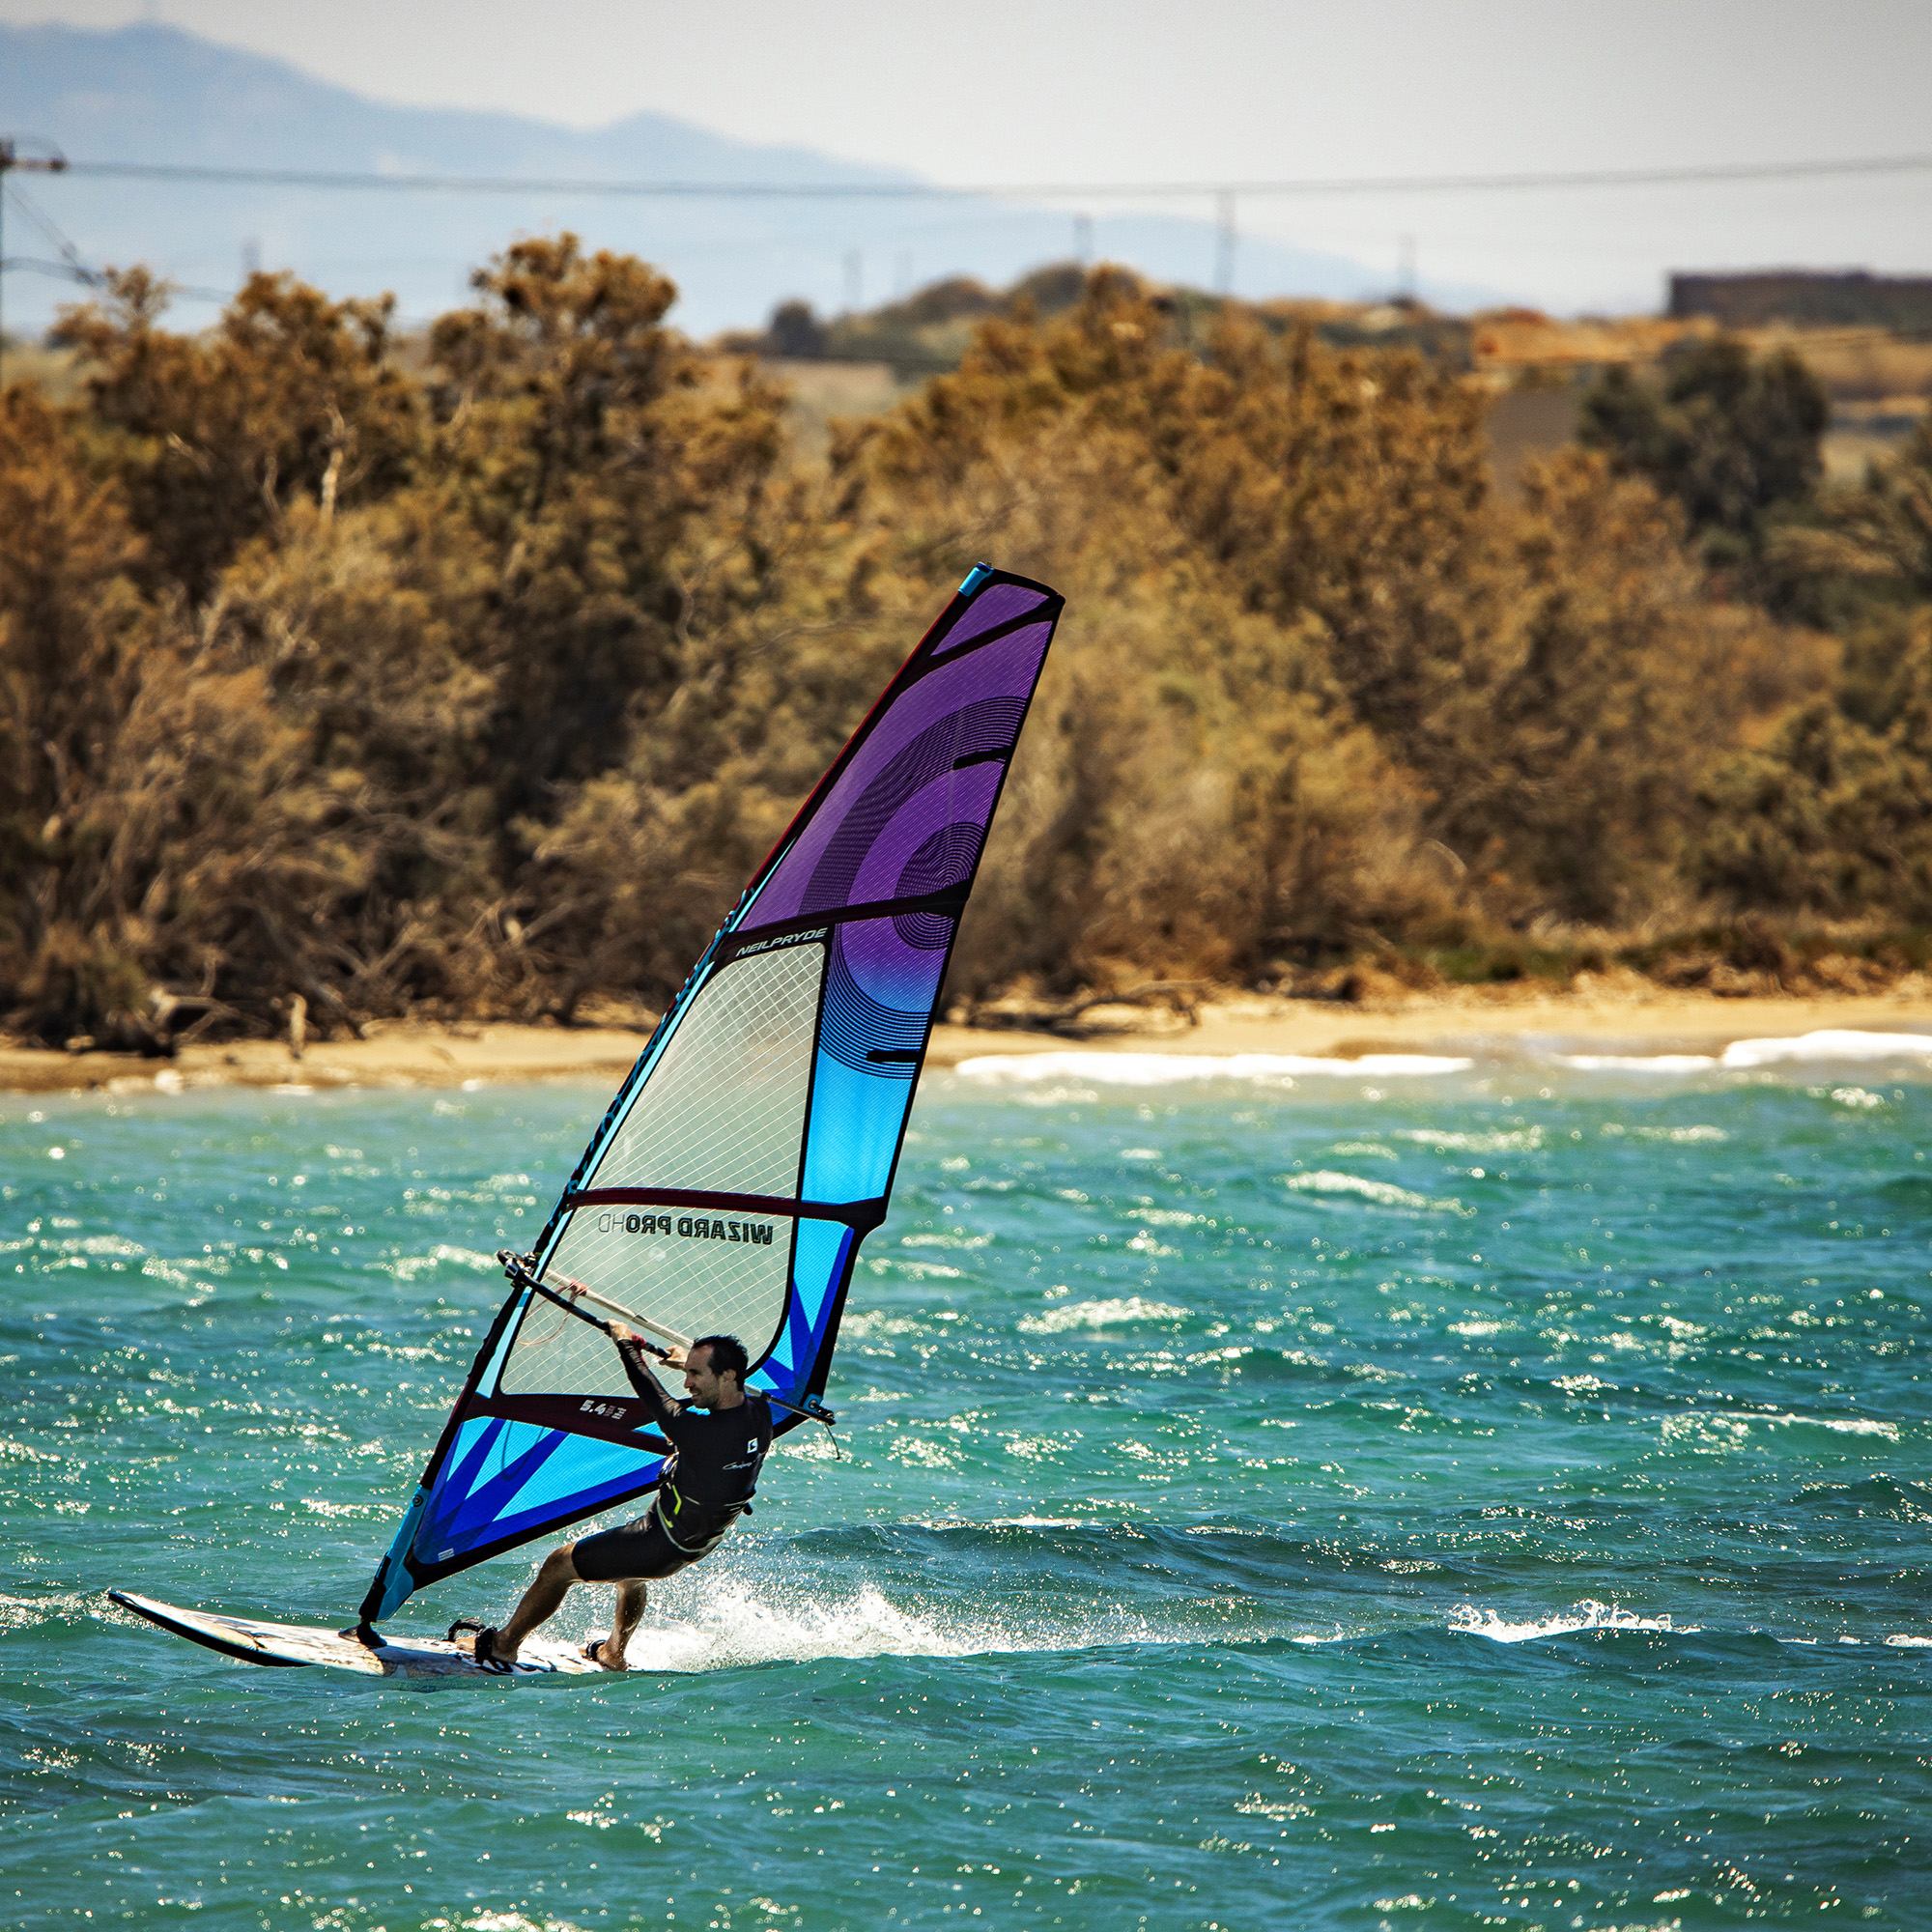 windsurfing wing Foiling at St. George Beach, Naxos, Greece flisvos sport club windsurf center wavespot vdws griekenland vakantie zomer summer neilpryde rrd roberto ricci surfcenter wavespot trendy young